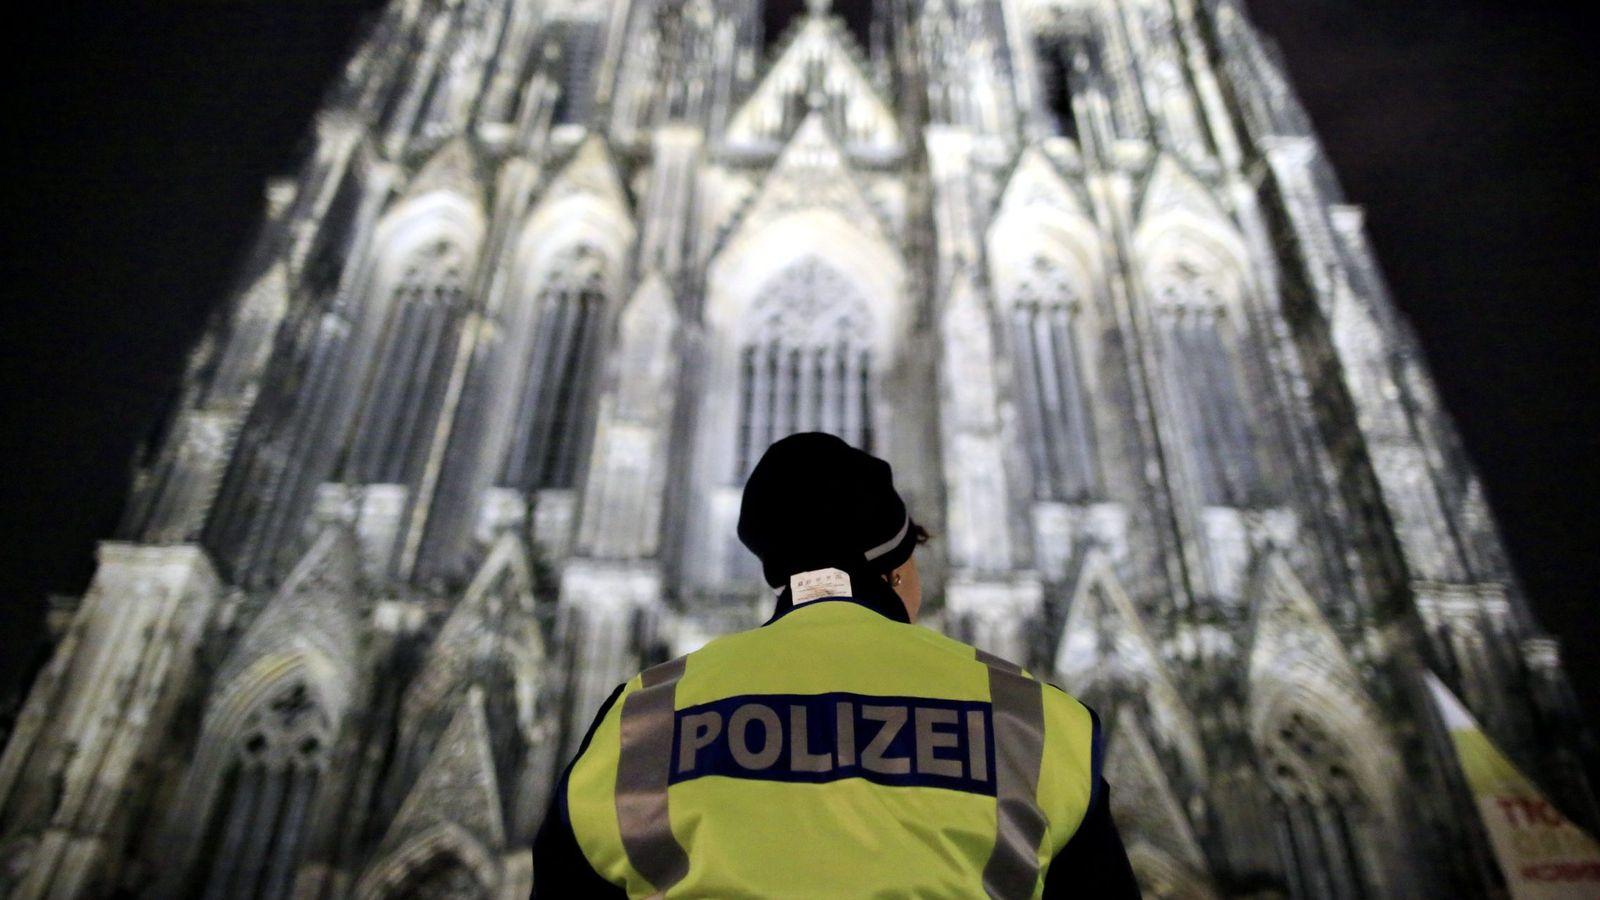 Foto: Un policía monta guardia frente a la Catedral de Colonia, el 24 de diciembre de 2016 (EFE)